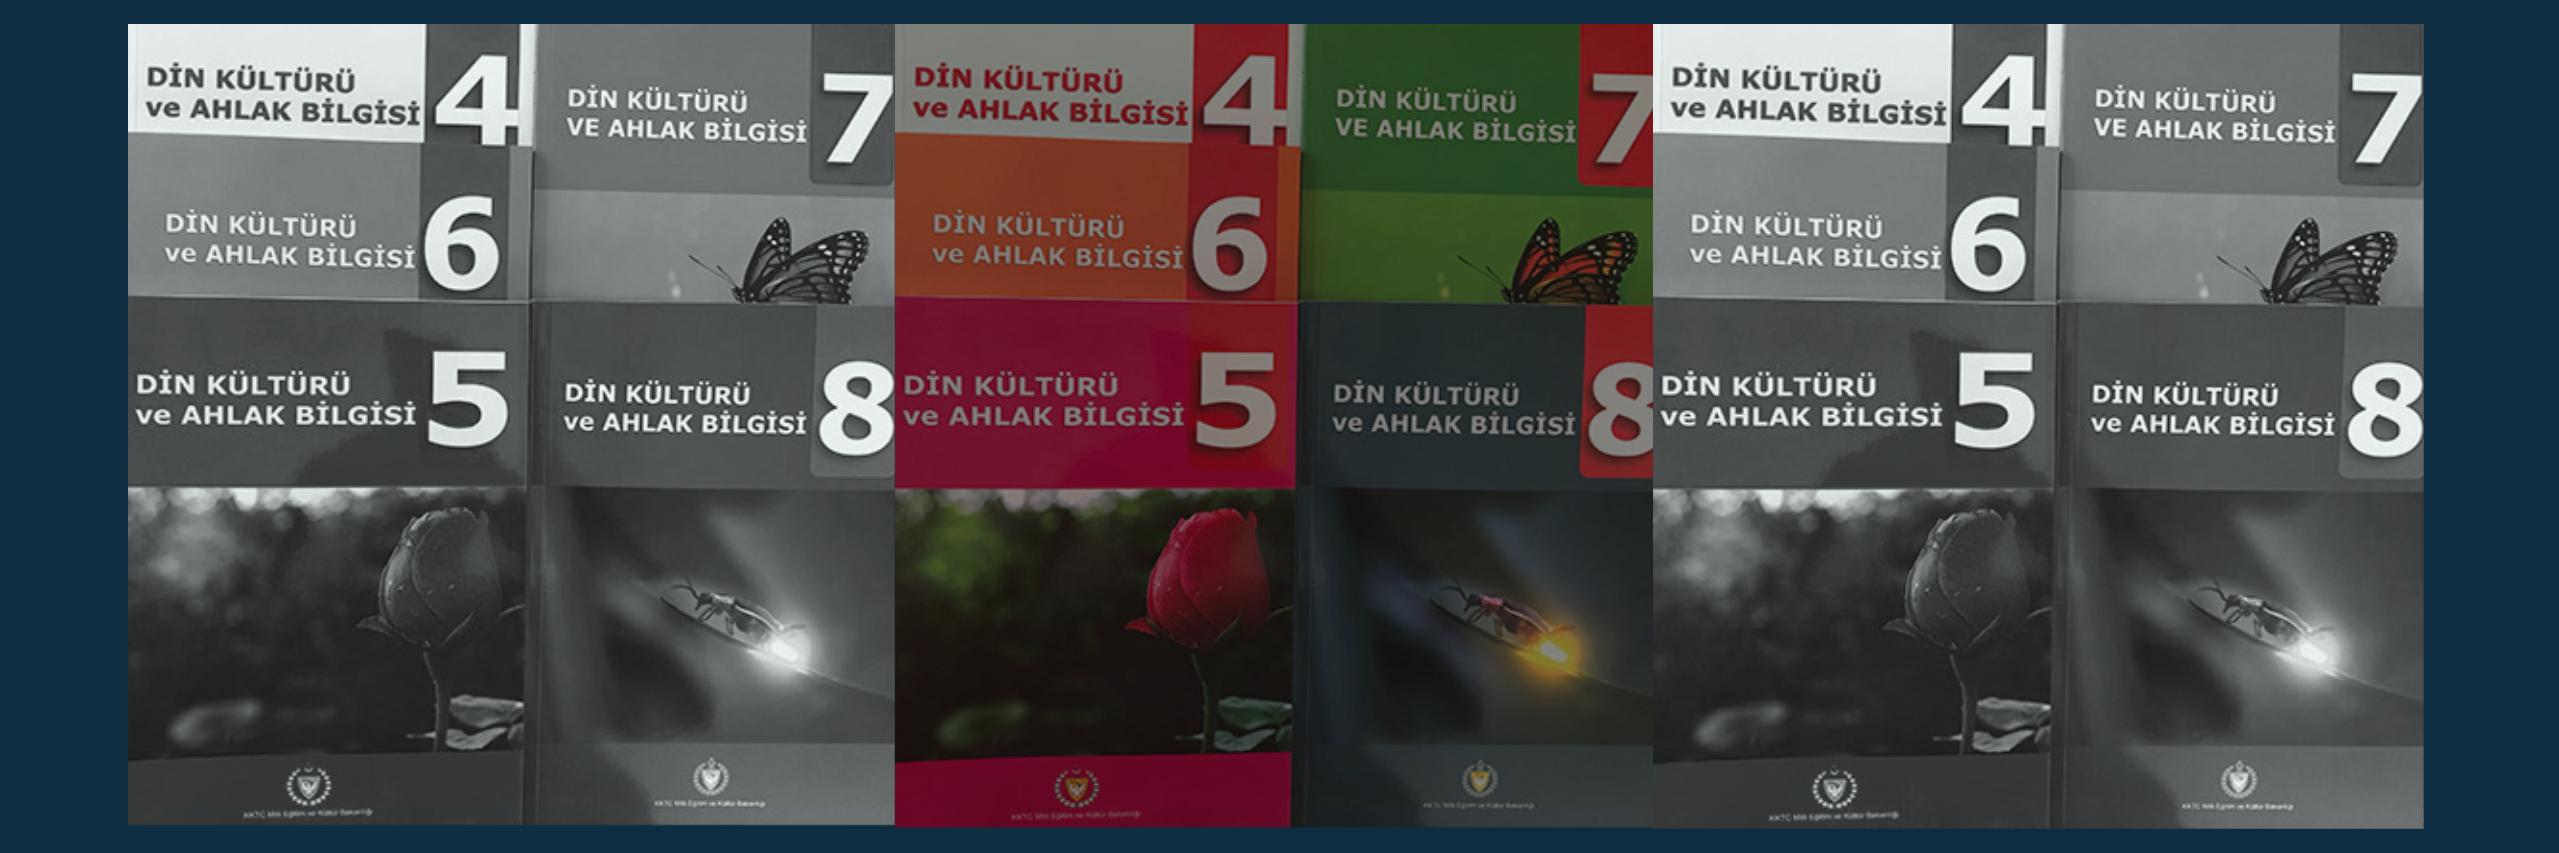 Din Kültürü ve Ahlak Bilgisi Ders Kitapları İncelemesi Raporu